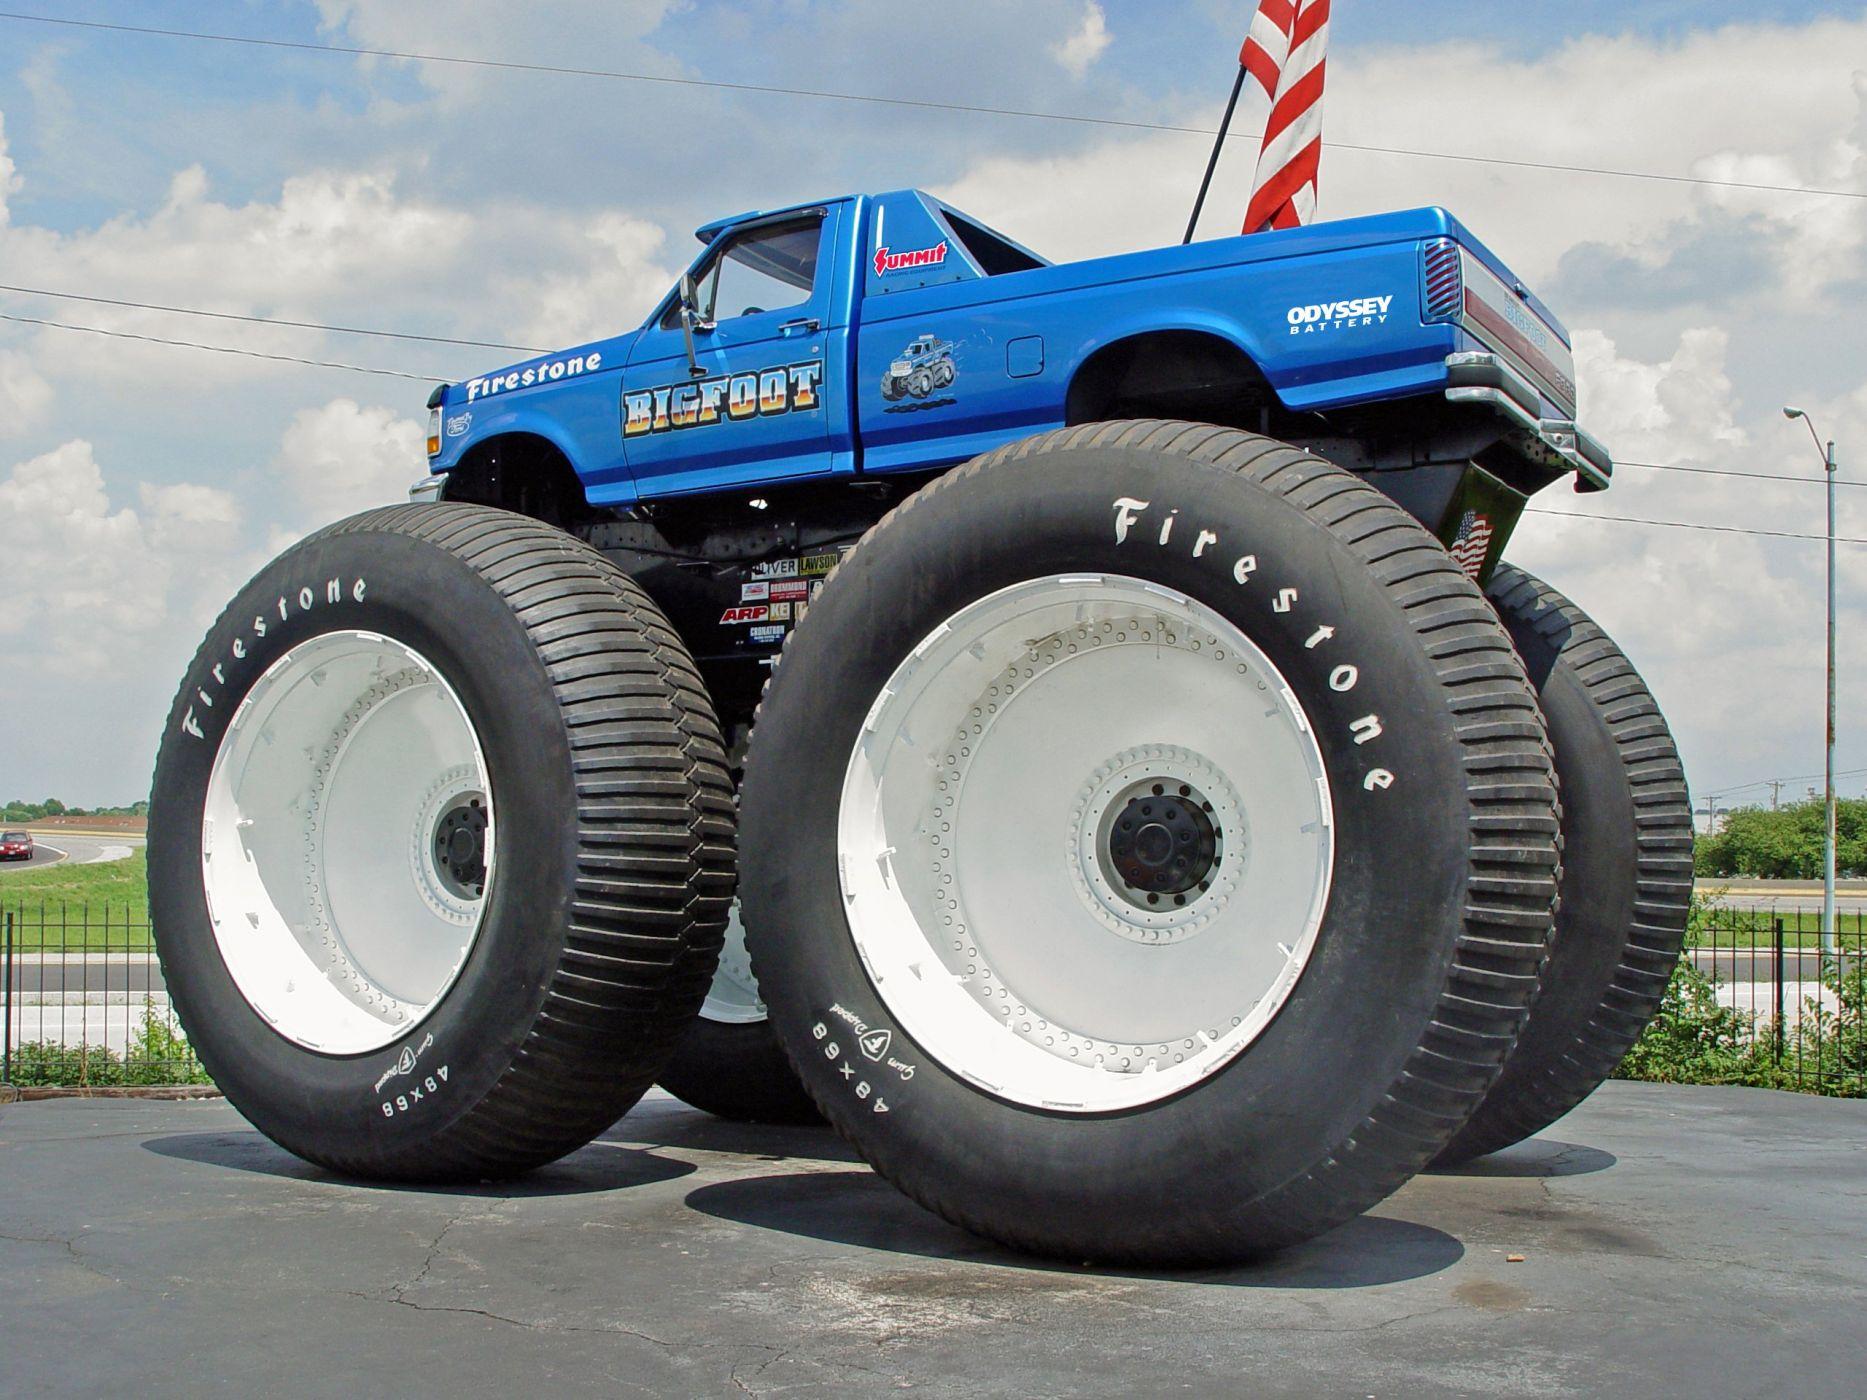 фотографии джипов на больших колесах бигфуты поддерживать здоровое